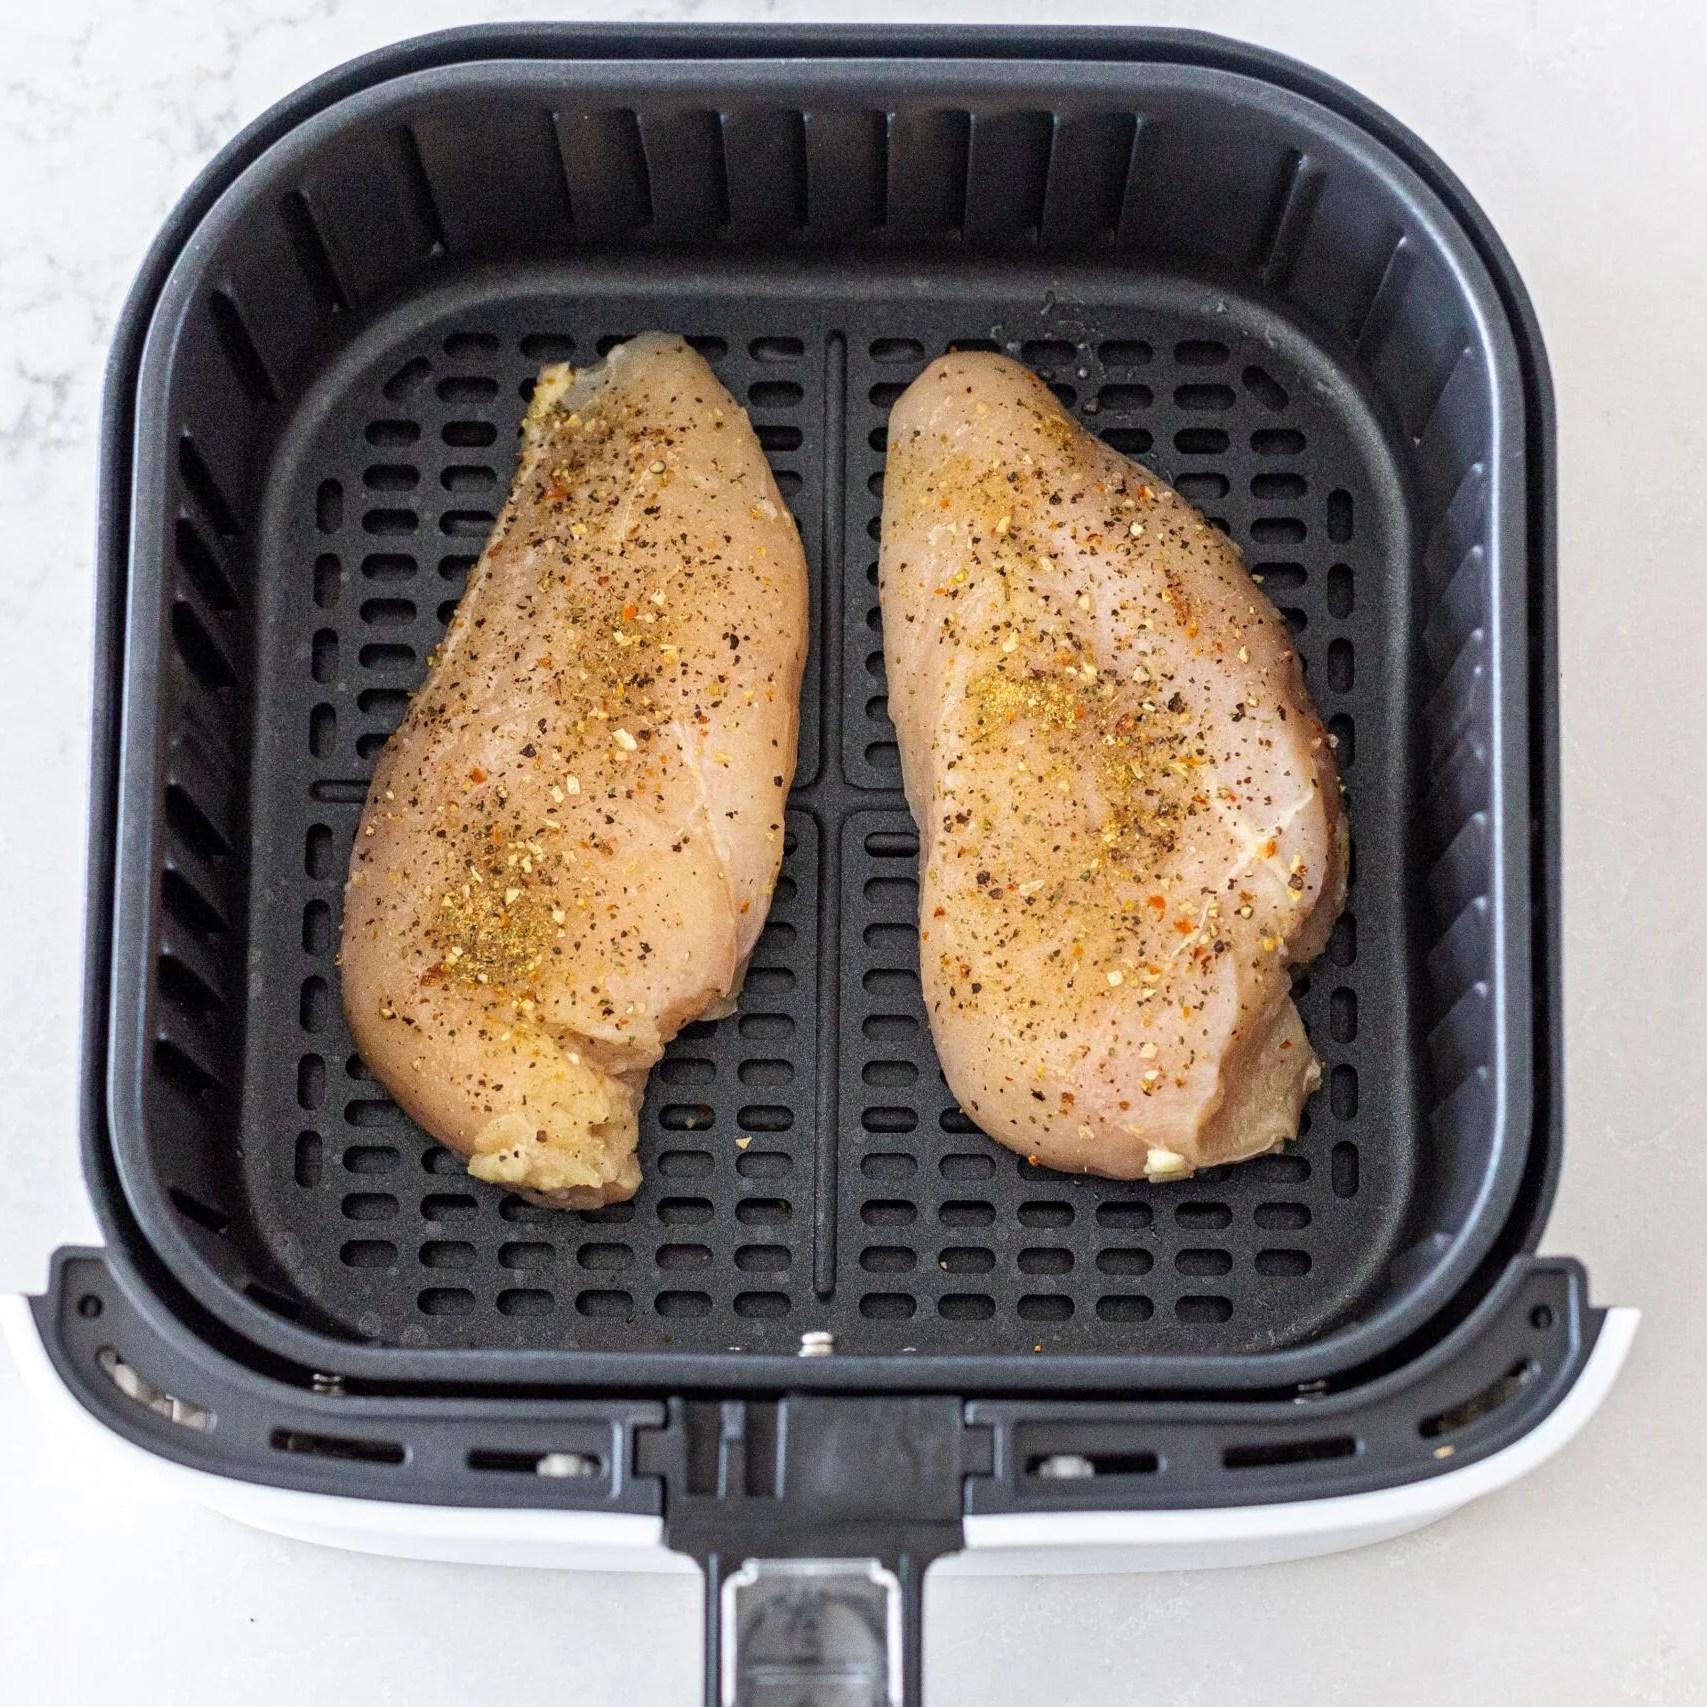 Chicken breast in an air fryer basket